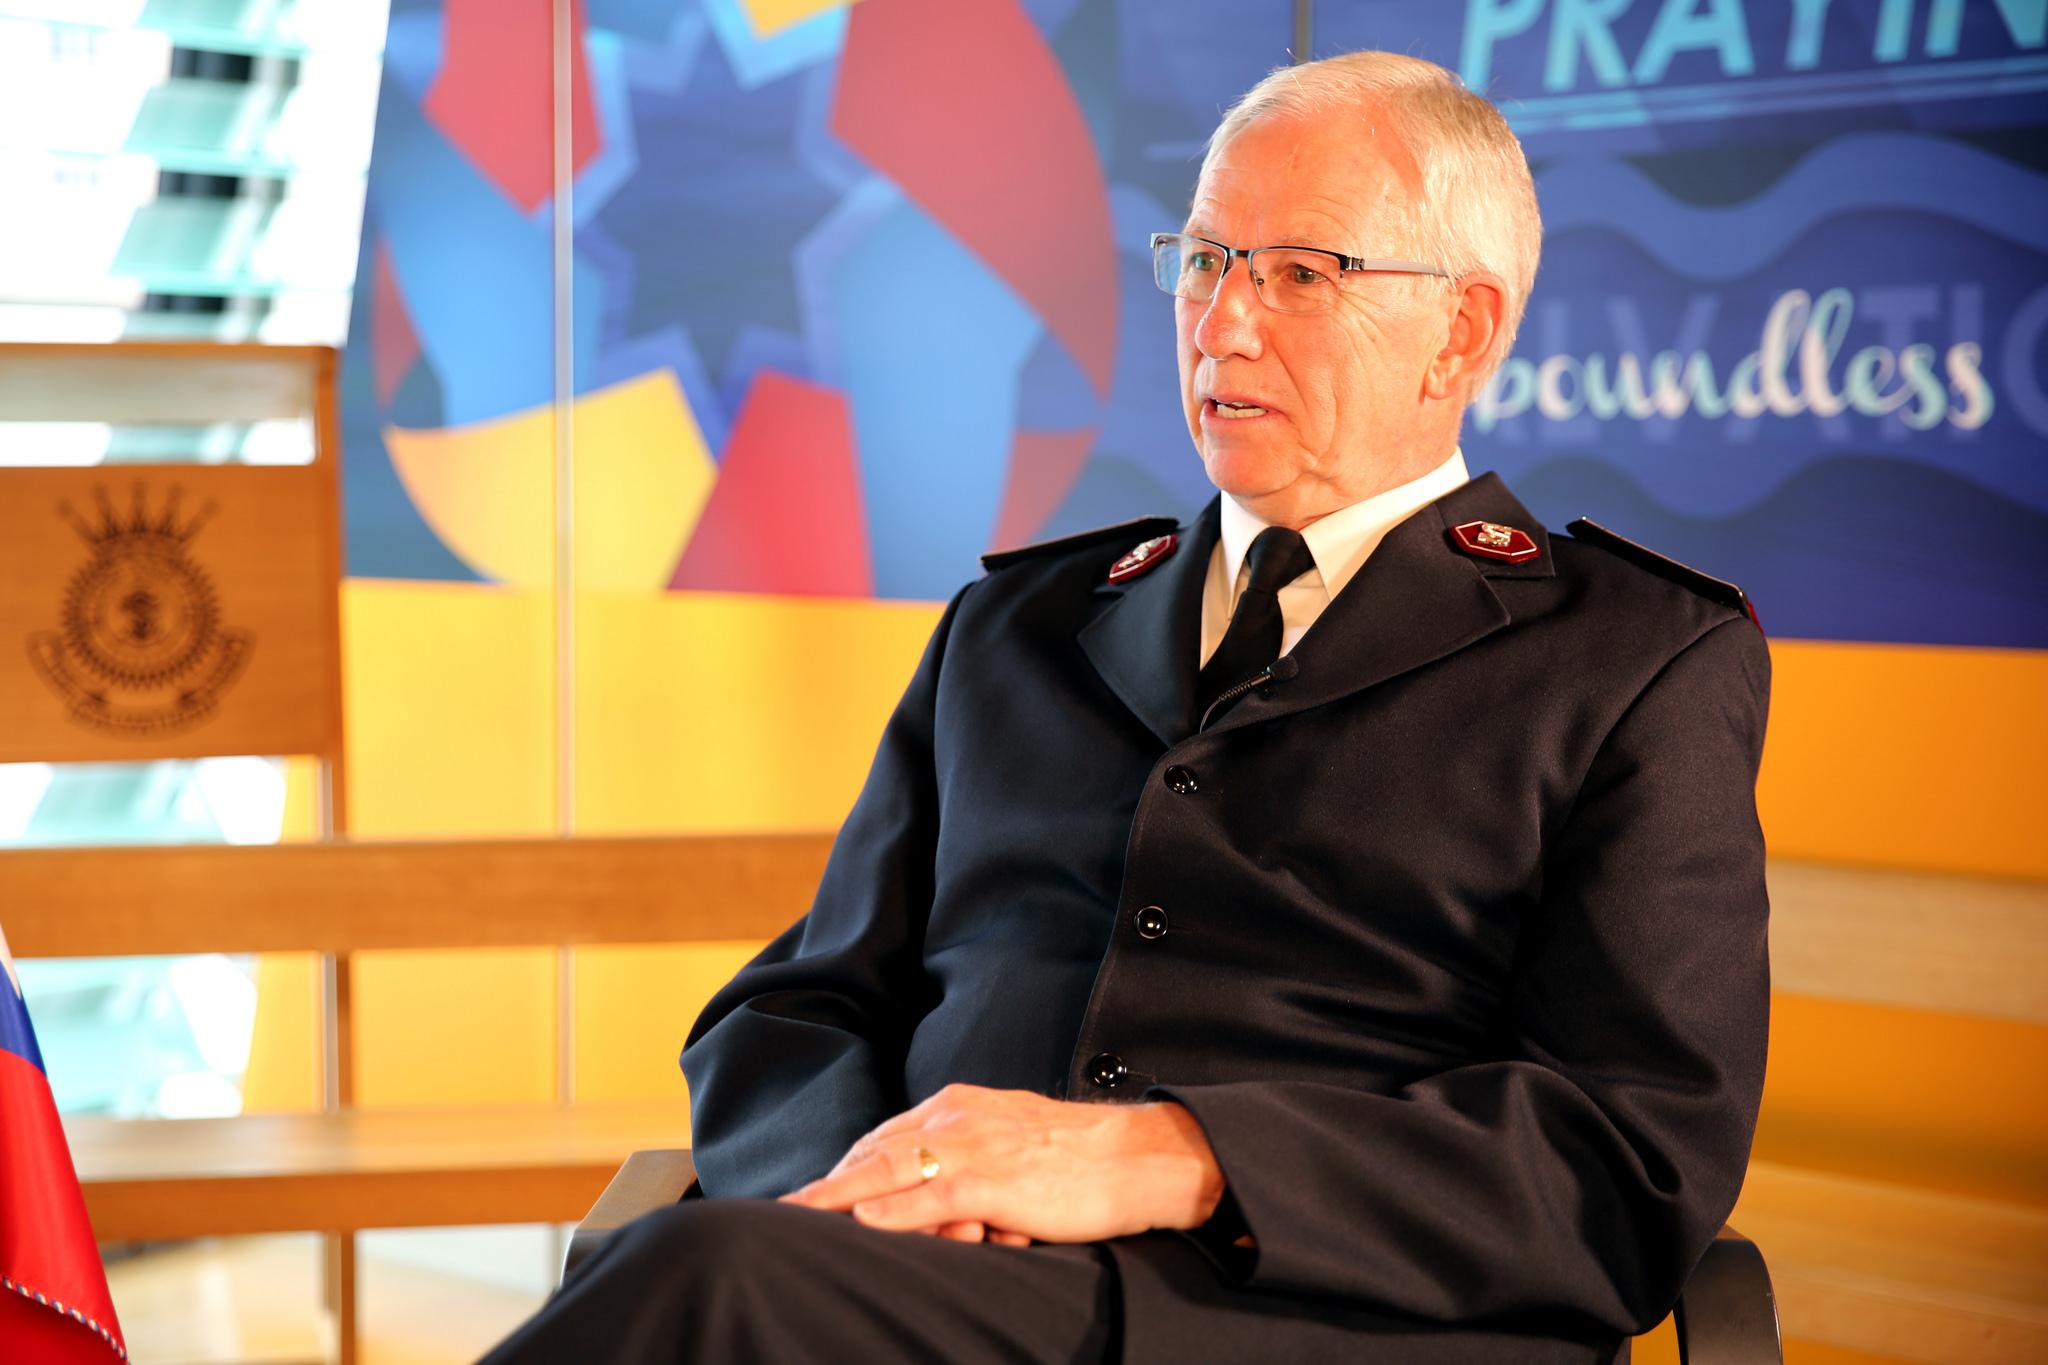 Commissioner Brian Peddle